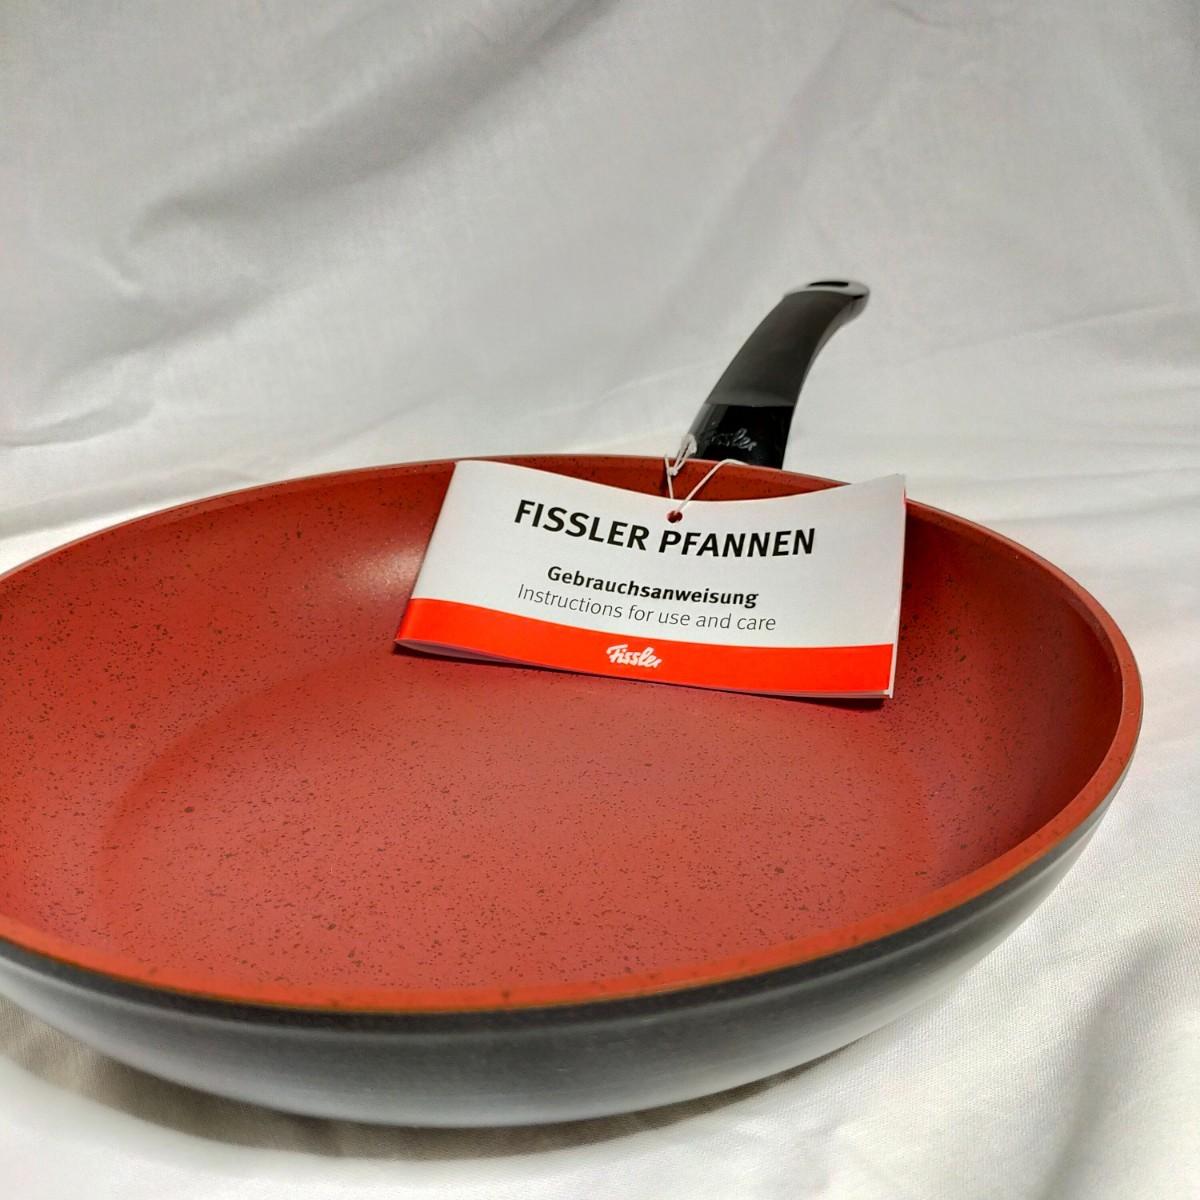 フィスラー (Fissler) フライパン センサーレッド 26cm  ガス火/IH対応